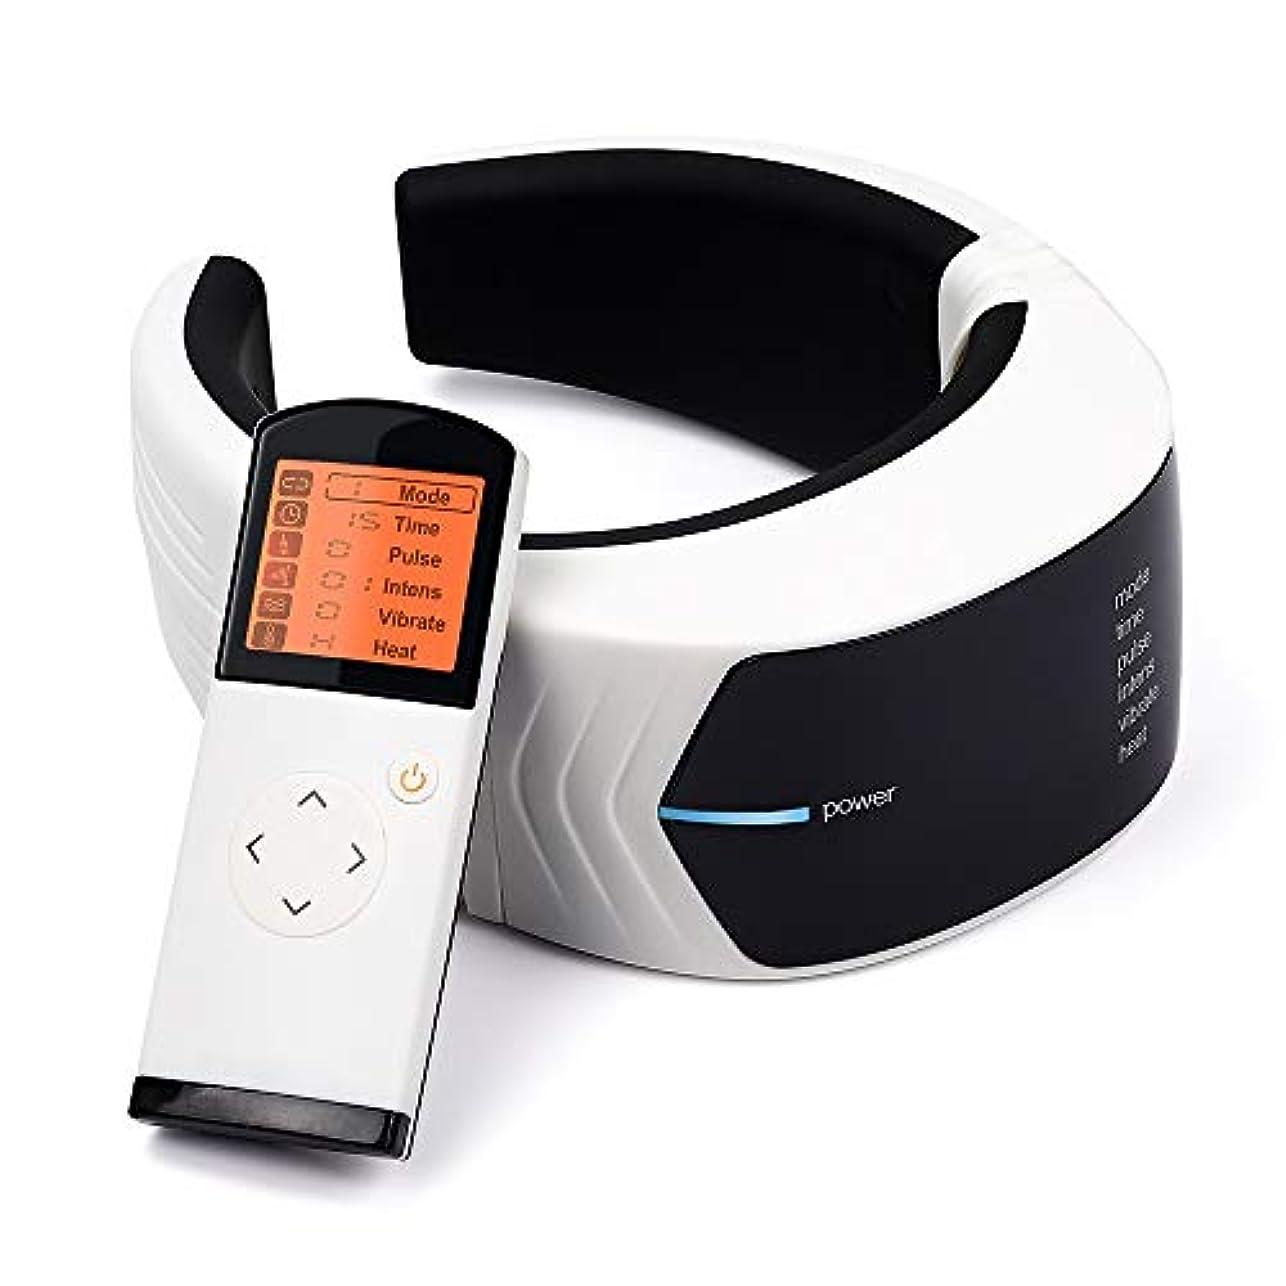 提案するペッカディロシルエット電気パルスネックマッサージャー頸椎椎骨インパルスマッサージ2パッド付き理学療法鍼磁気鎮痛療法用